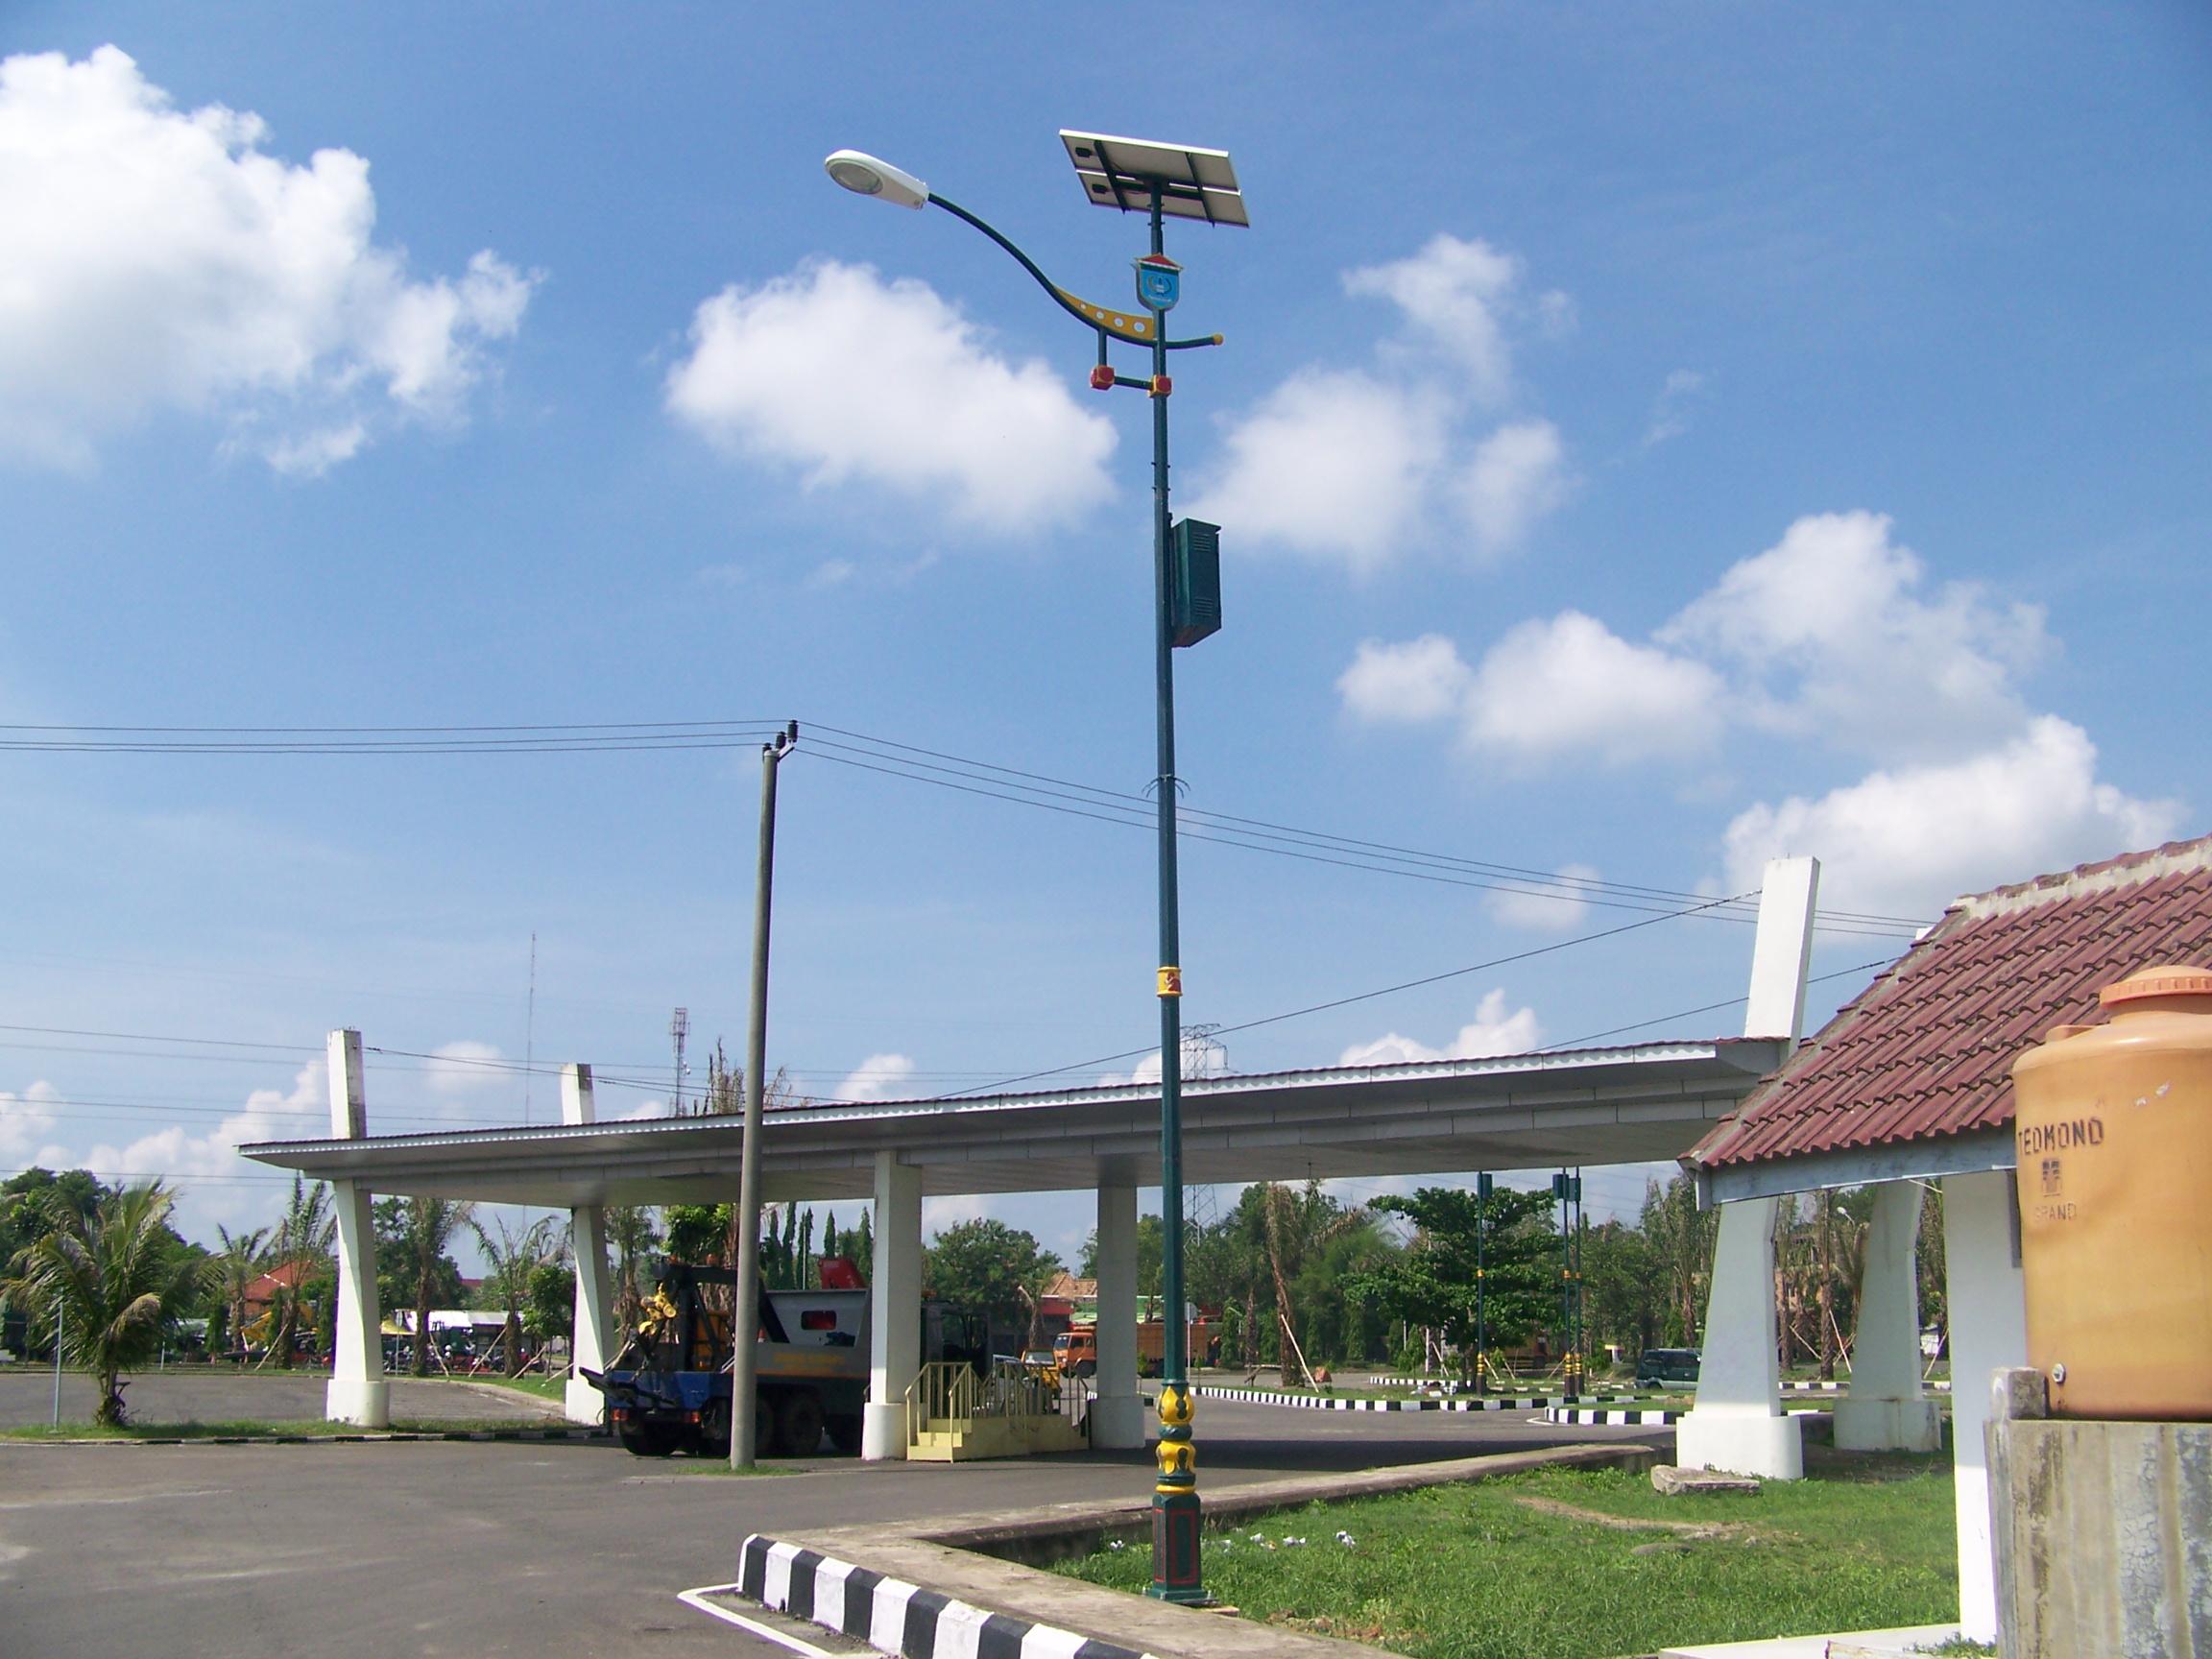 TIANG LAMPU SOLAR CELL